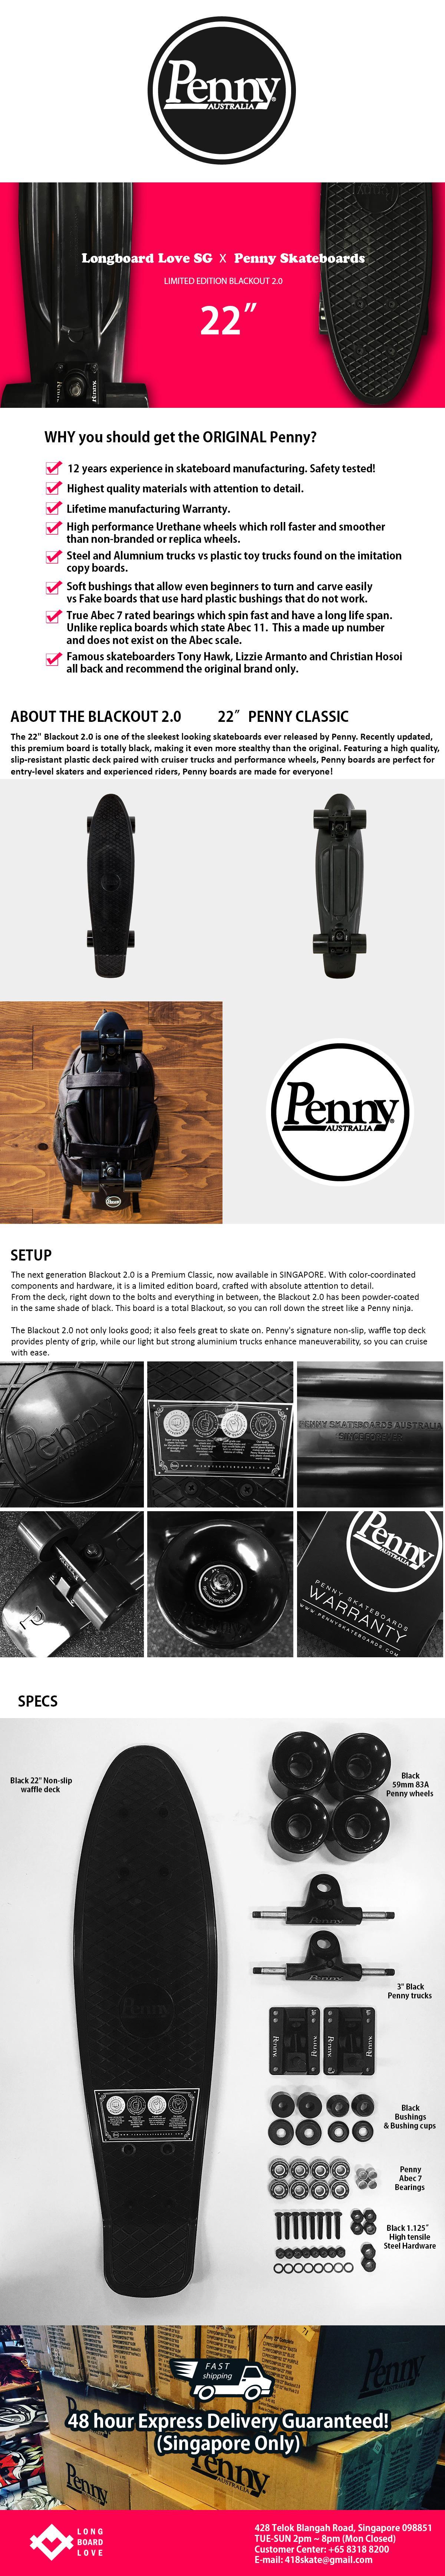 20170912_penny_blackout_lazada.jpg